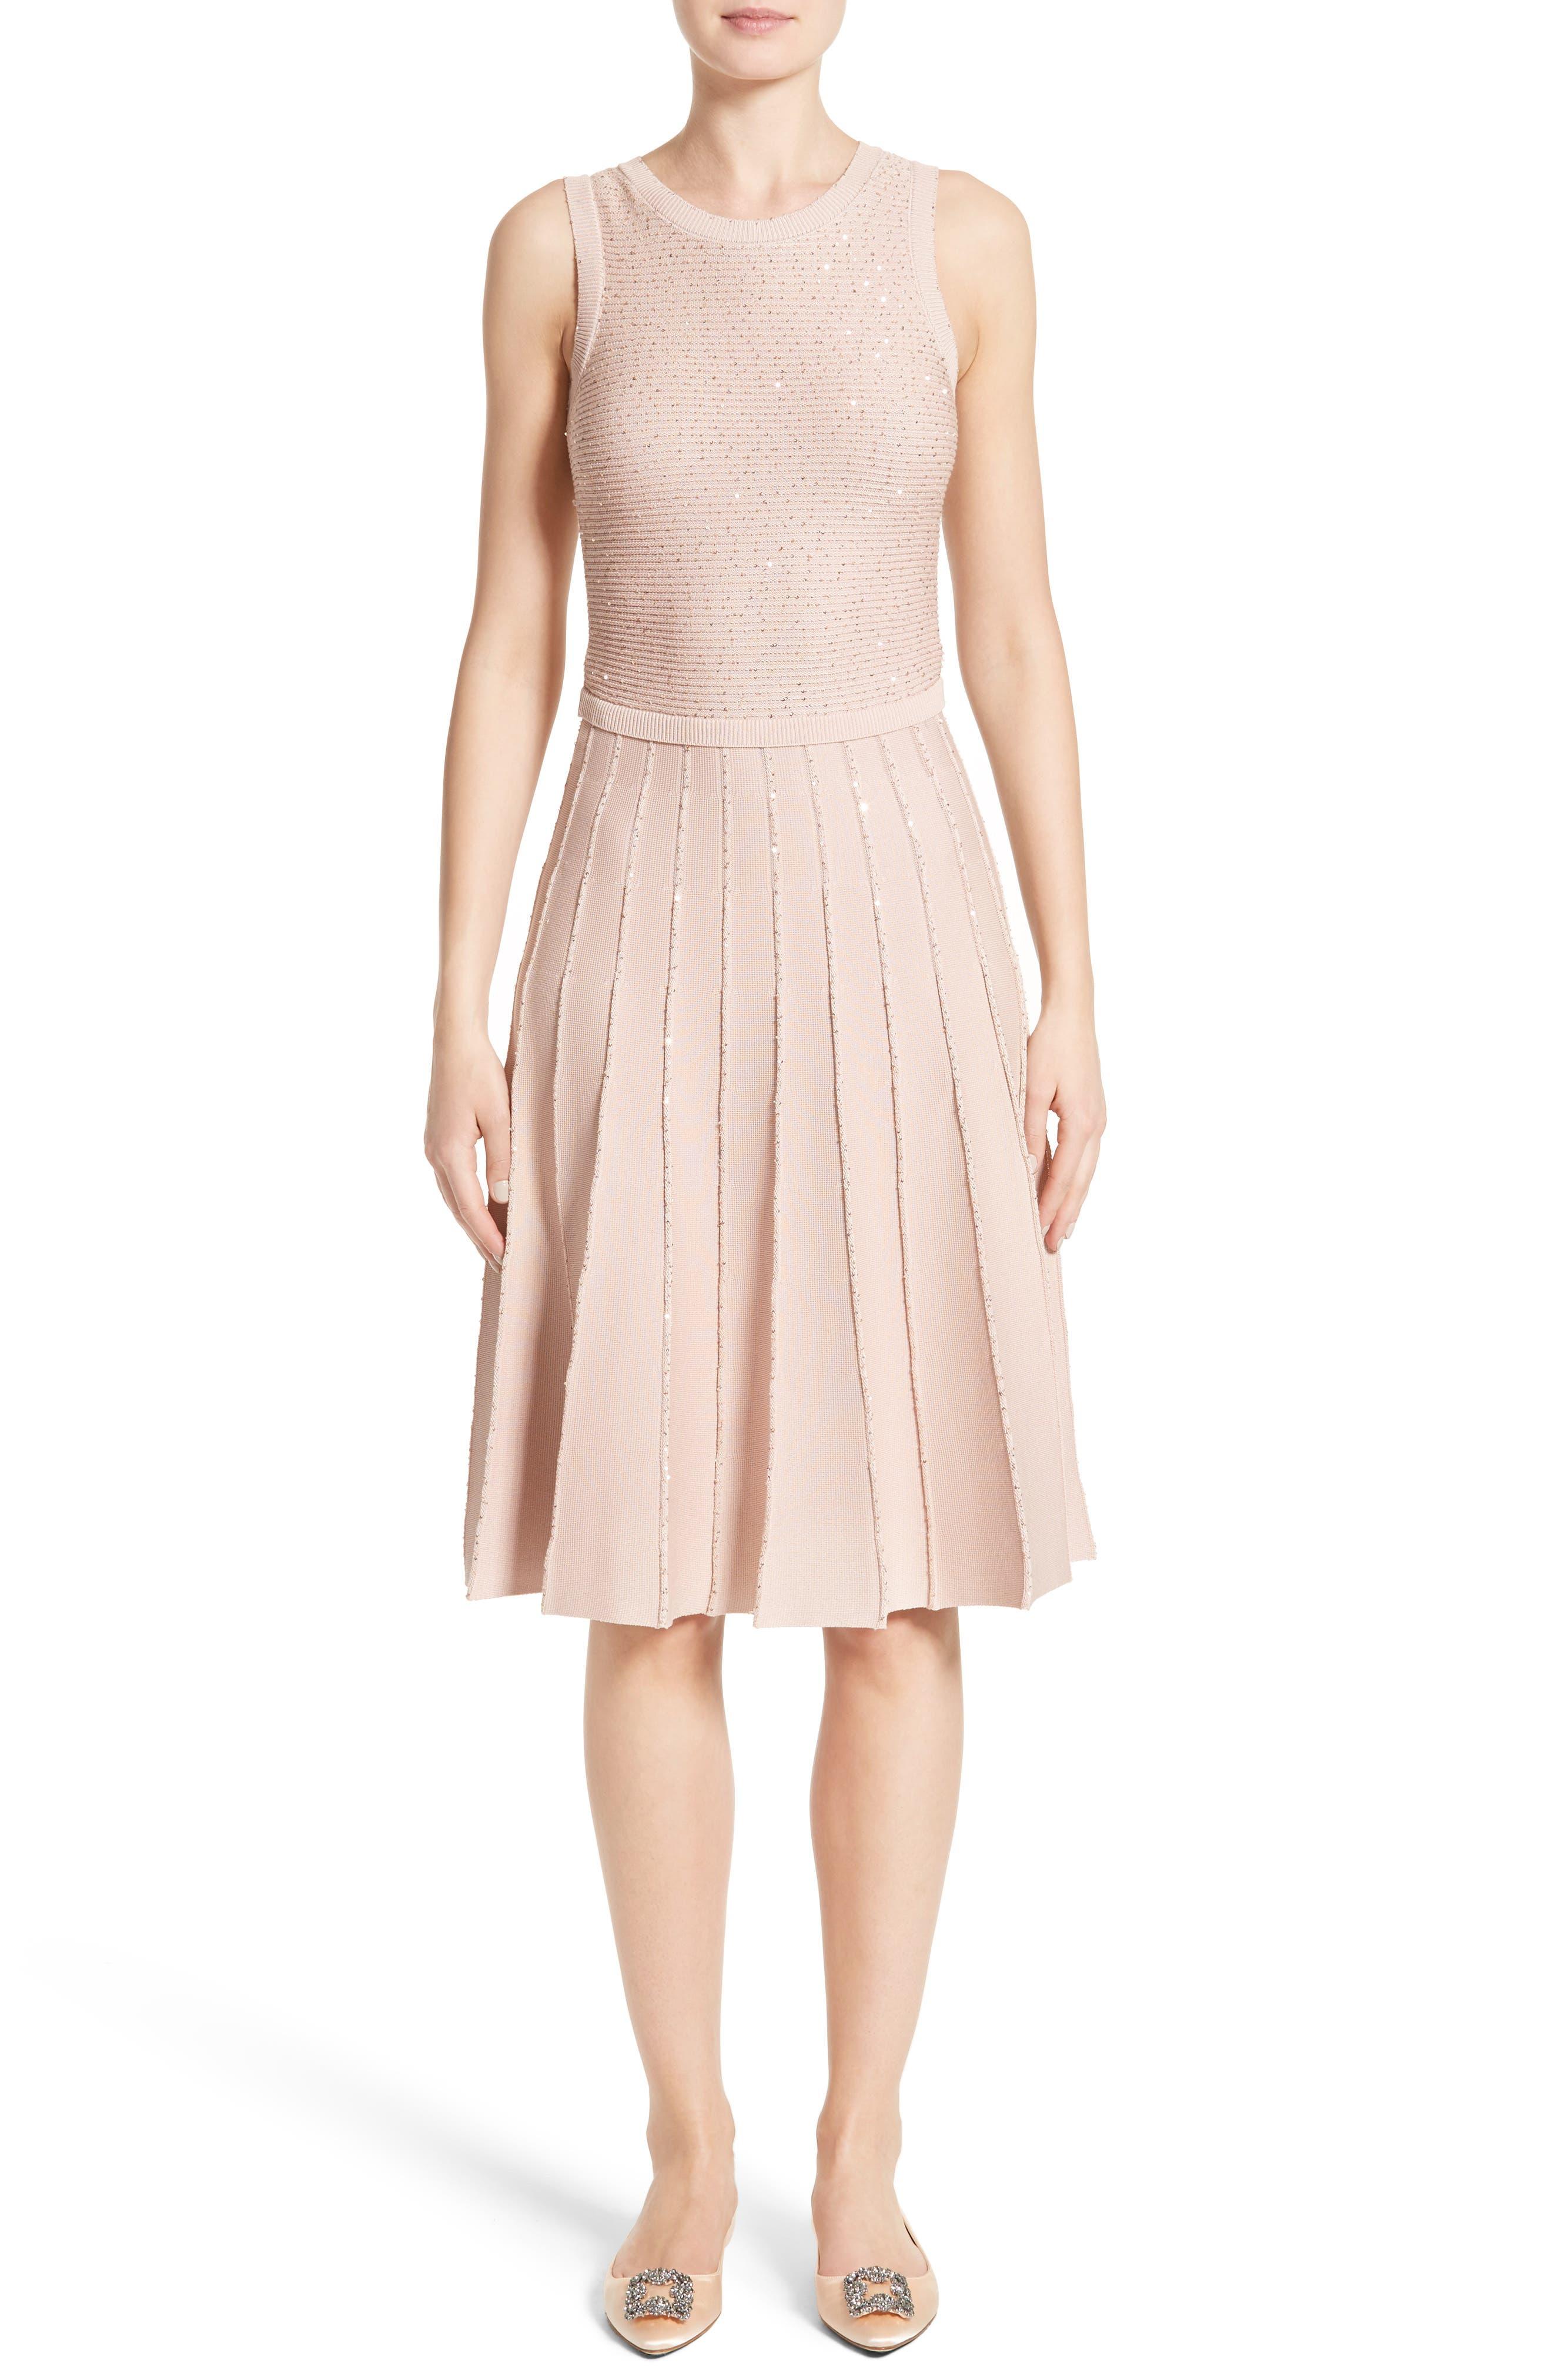 Alternate Image 1 Selected - Oscar de la Renta Sparkle Knit Pleated Dress